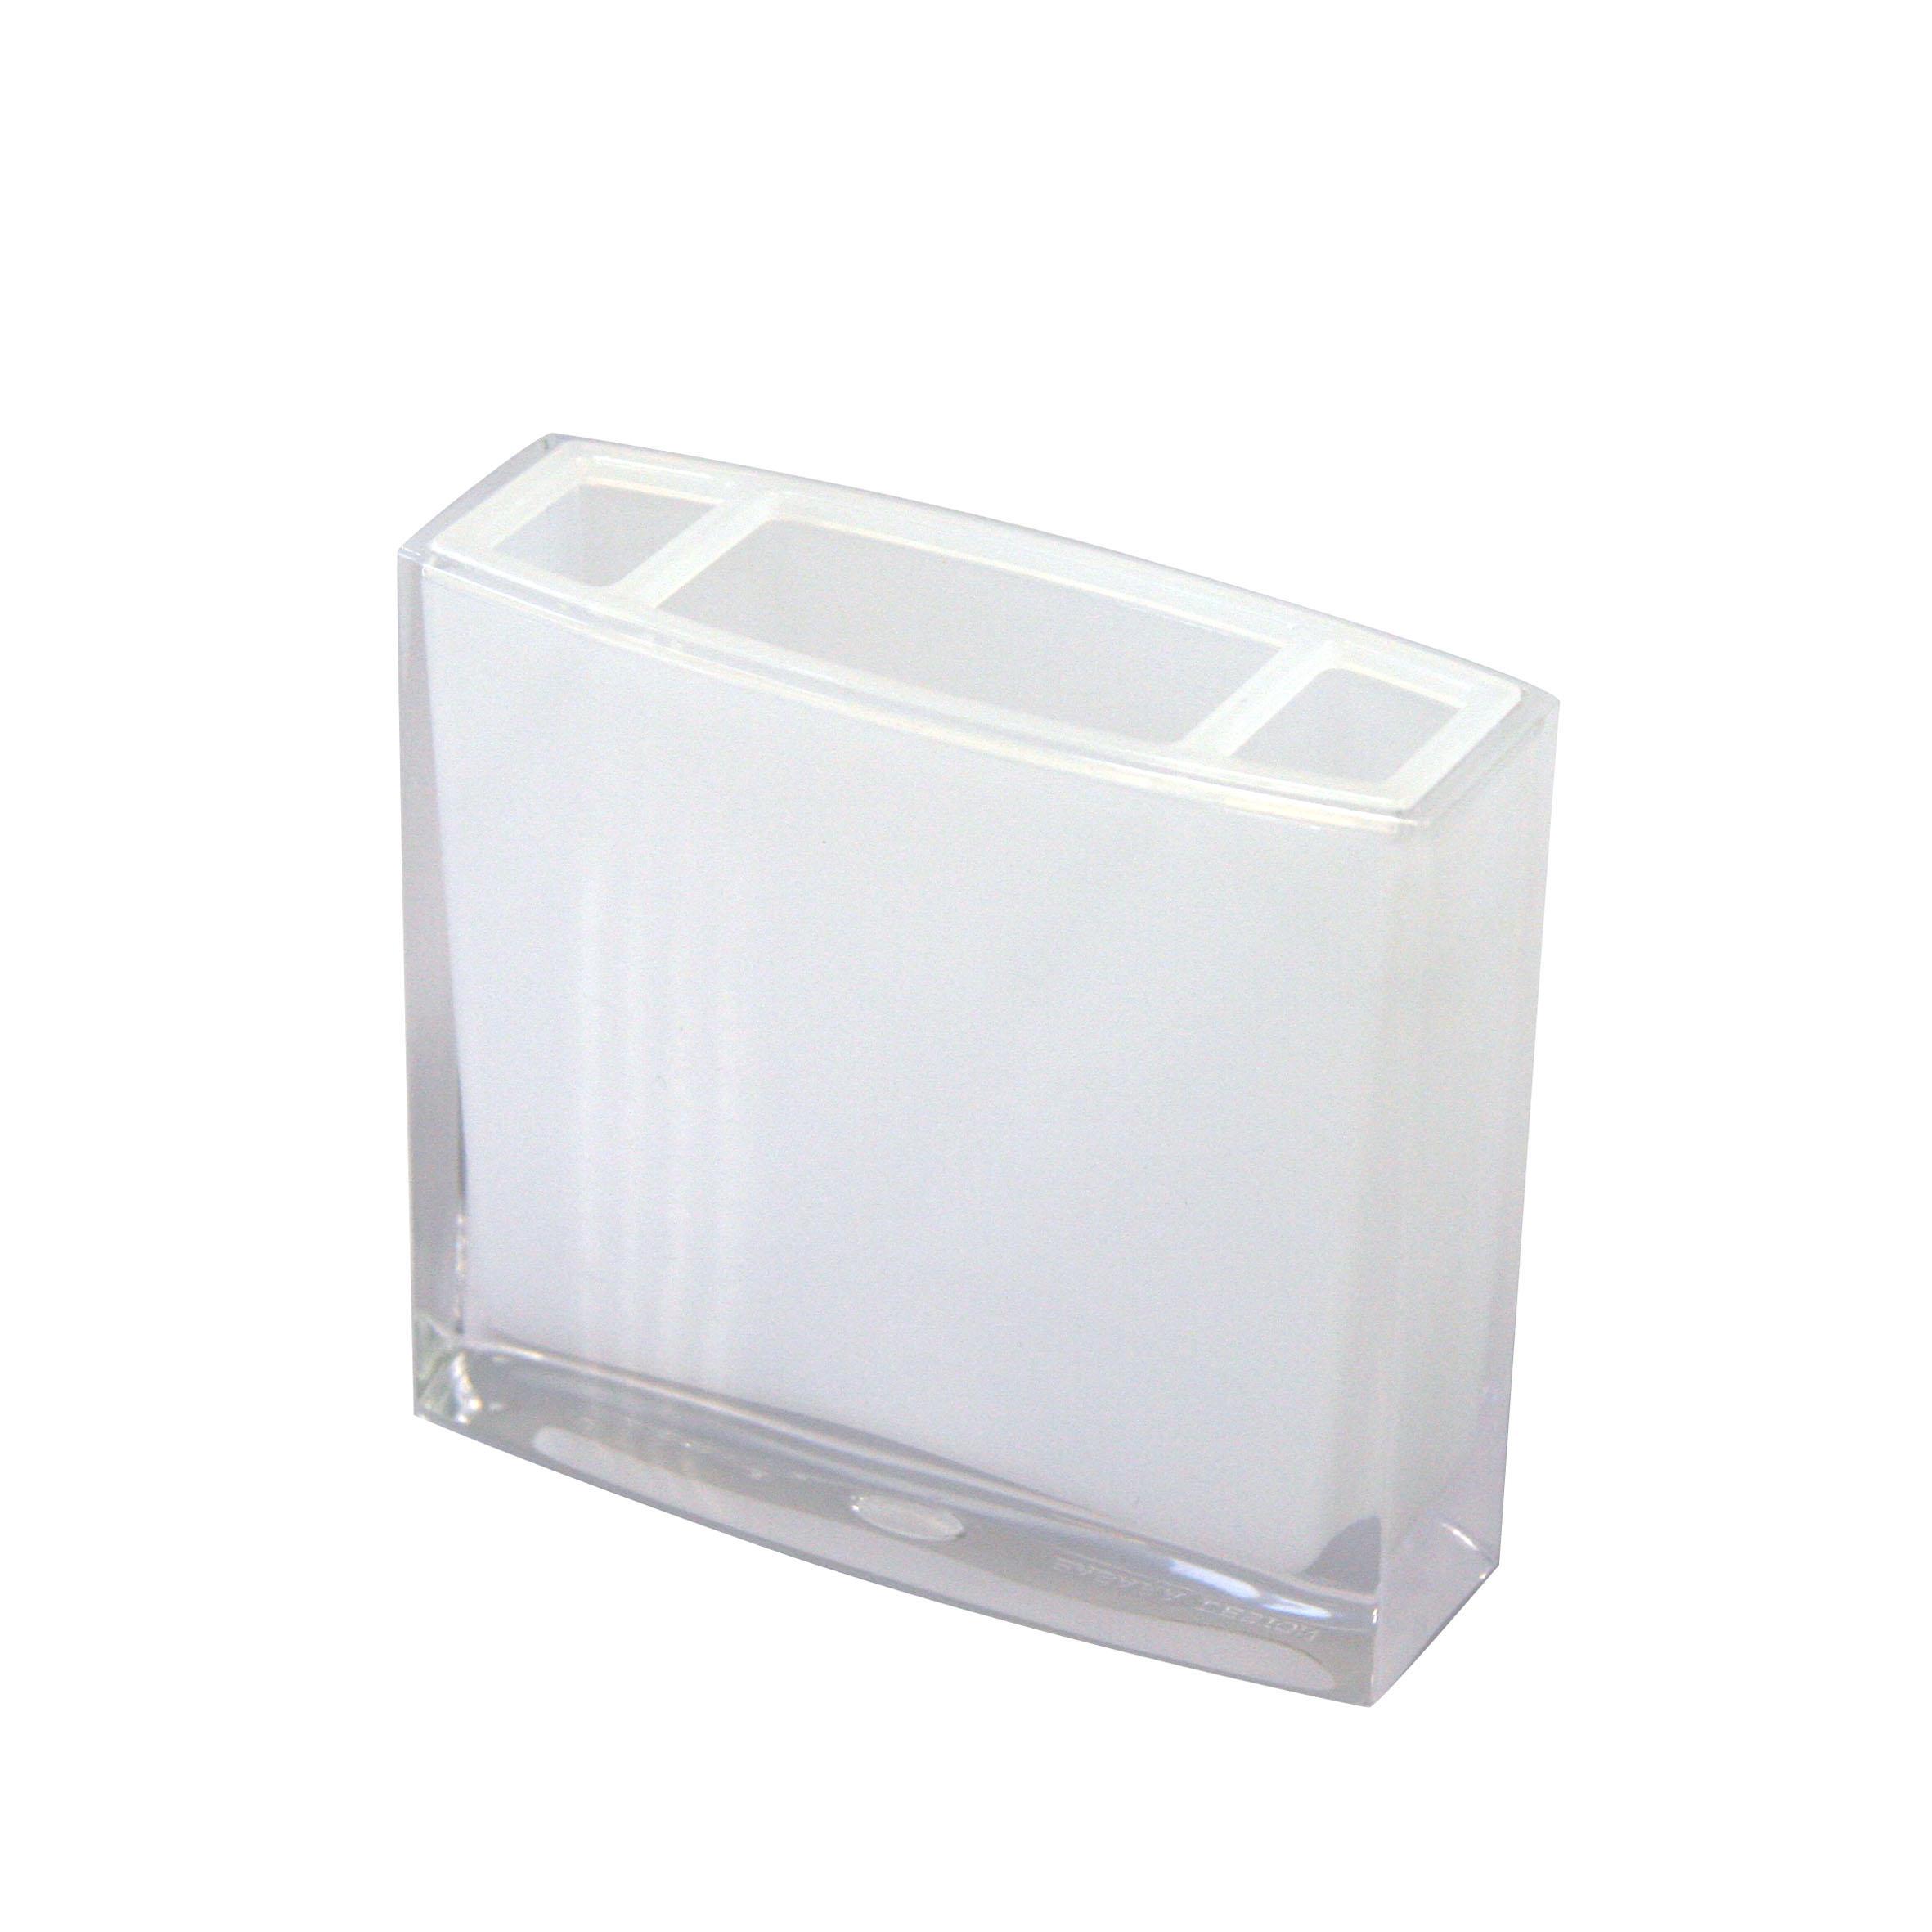 Стакан для зубных щеток Axentia Priamos, цвет: белый, высота 10,5 см282323Стакан для зубных щеток Axentia Priamos изготовлен из высококачественного акрила белого цвета. Изделие превосходно дополнит интерьер ванной комнаты, отлично сочетается с другими аксессуарами из коллекции Priamos. Размеры стакана: 10,5 х 9,5 х 3 см.